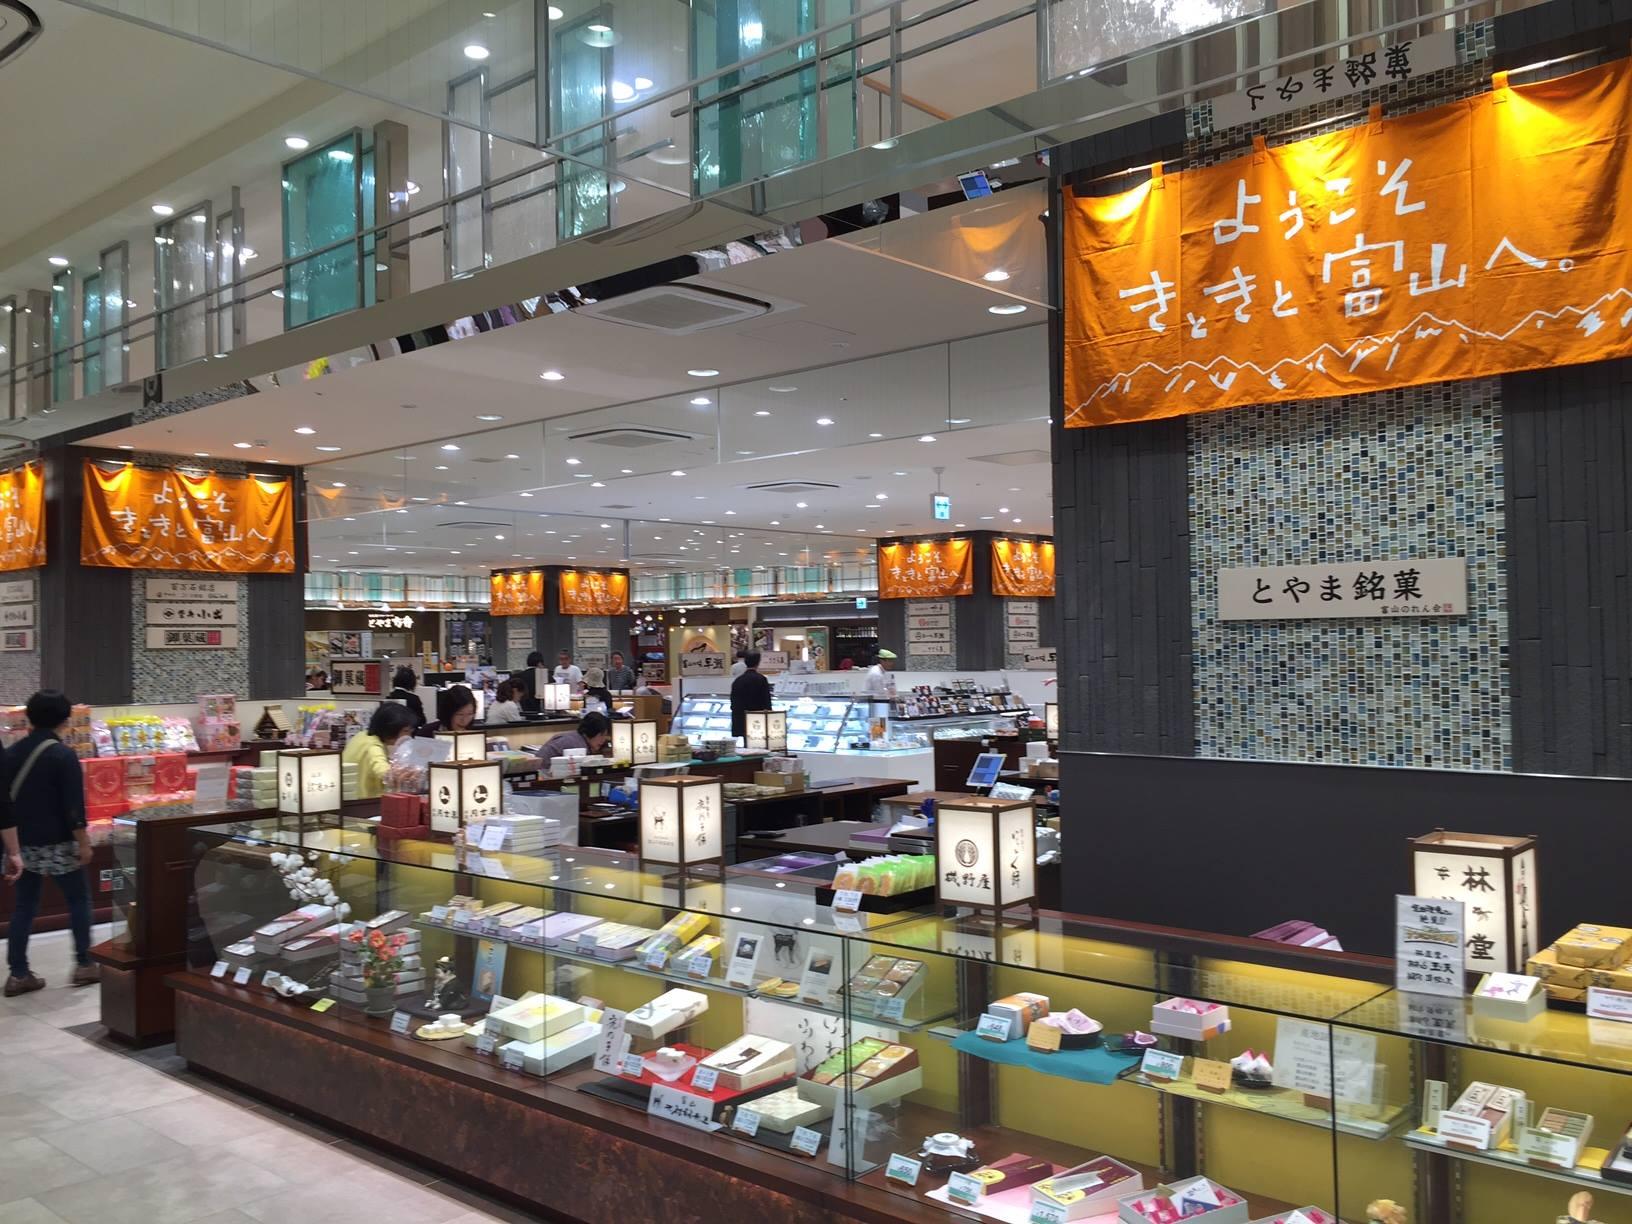 富山駅周辺でおすすめの暇つぶしスポット15選!お金をかけずに楽しめるスポットやお一人様向けまで詳しくご紹介